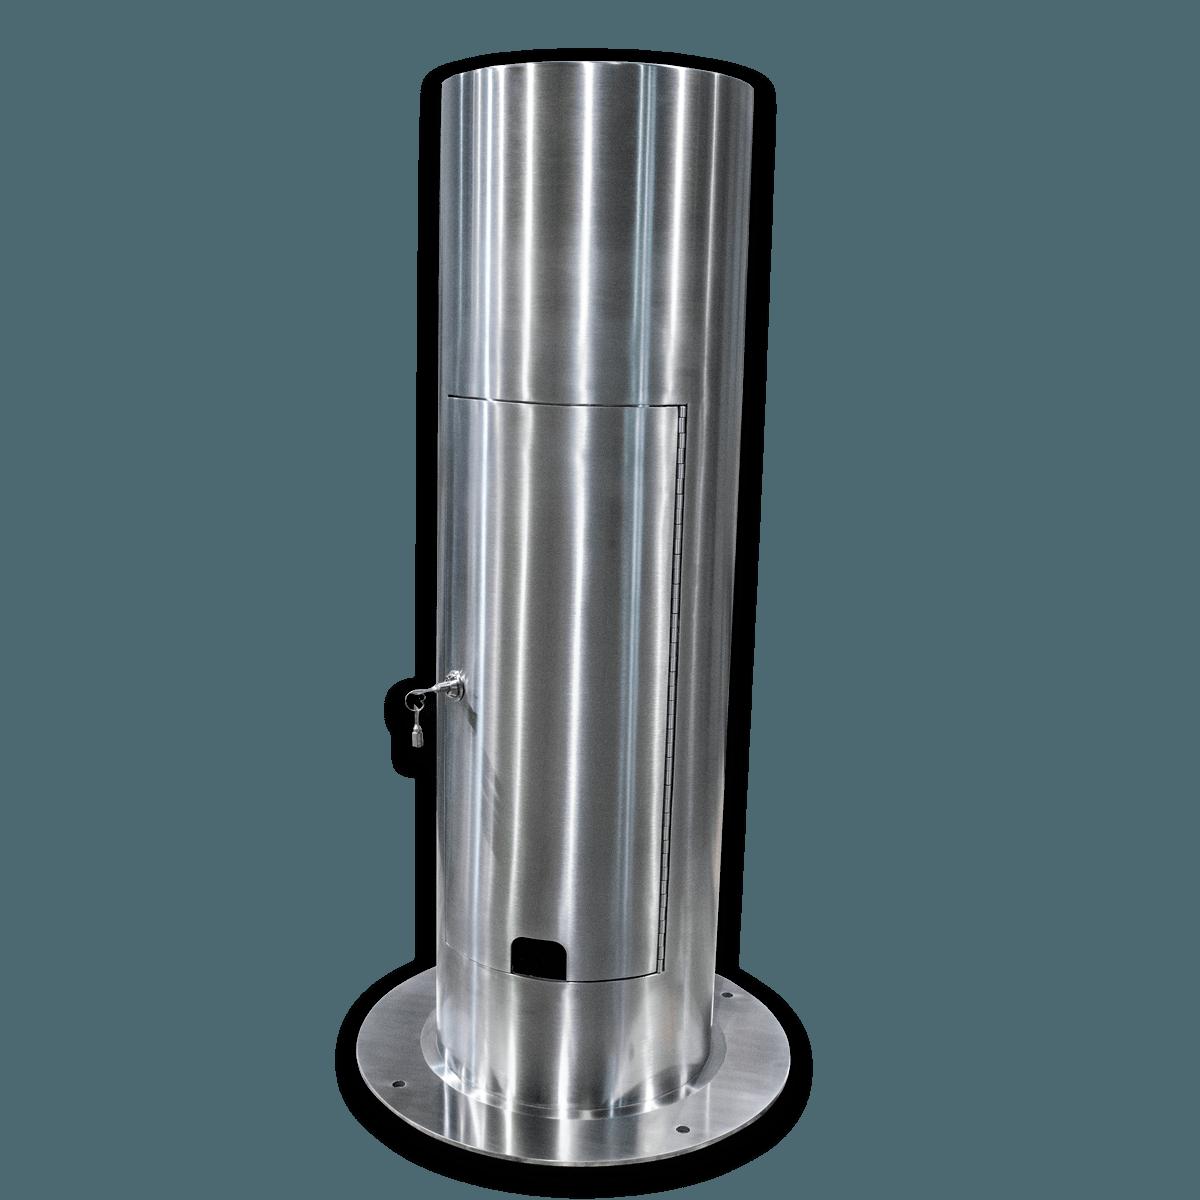 不锈钢锁门公用事业接入系柱